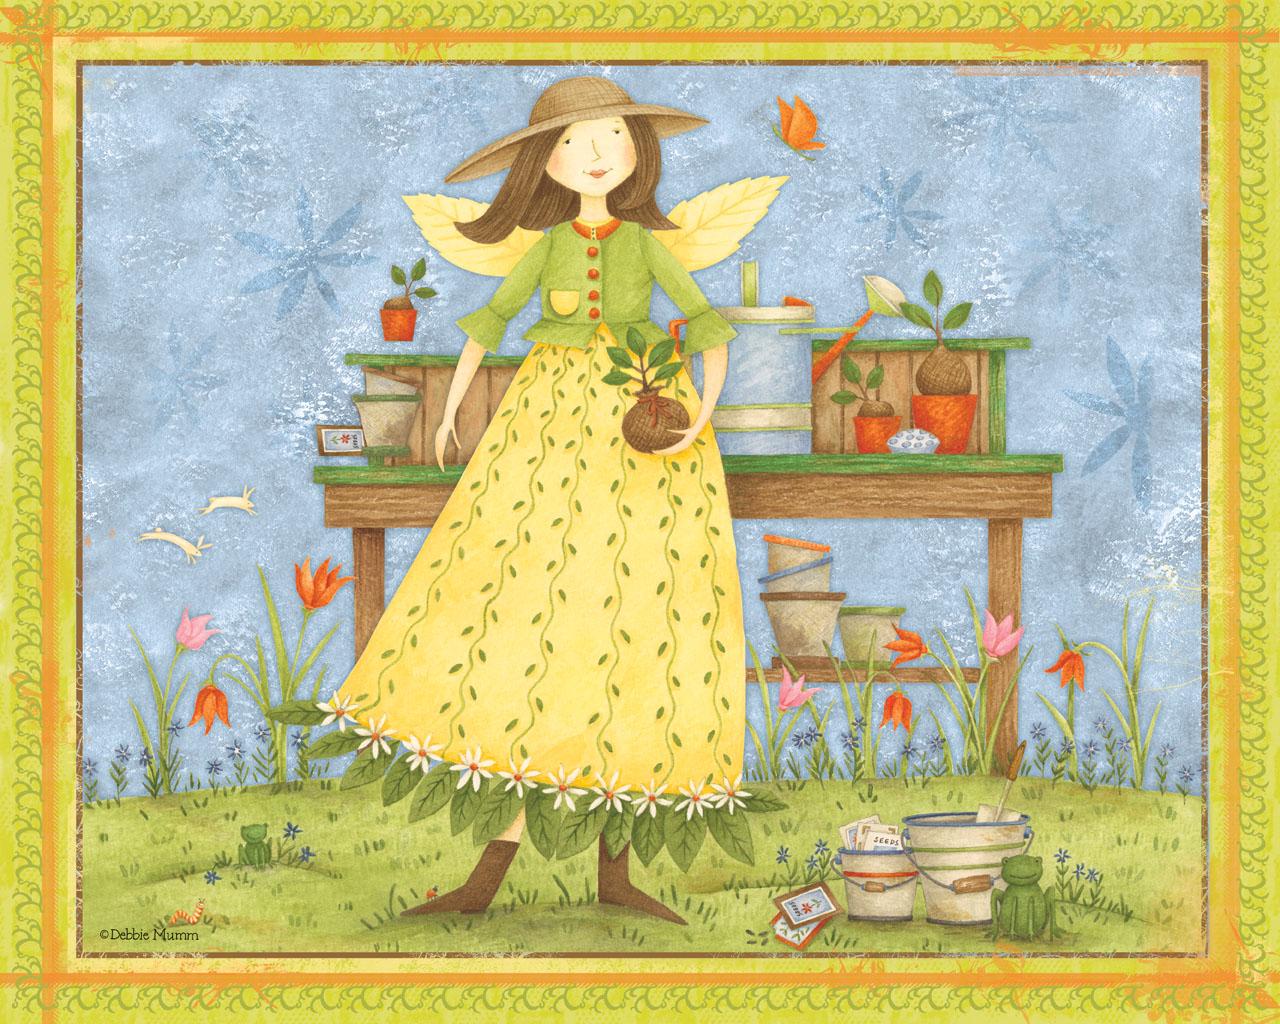 http://1.bp.blogspot.com/-WPo_W5DEGpQ/UAlH5h_KpII/AAAAAAAAAX4/aKZVtAVWhqo/s1600/Debbie+Mumm+%236.4.jpg